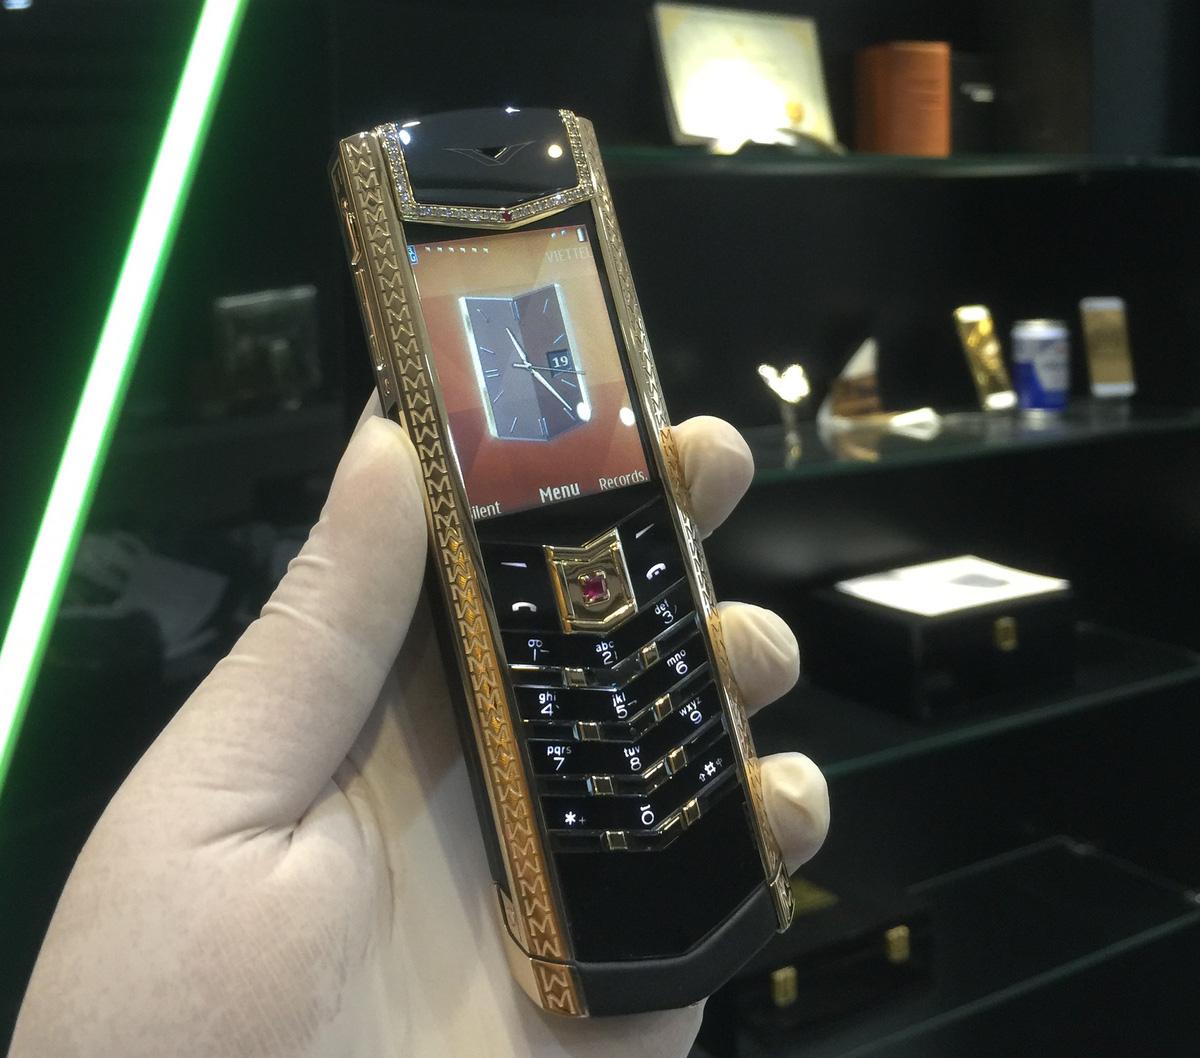 Cận cảnh chiếc điện thoại Vertu độ vàng, kim cương đỉnh cao - Ảnh 1.